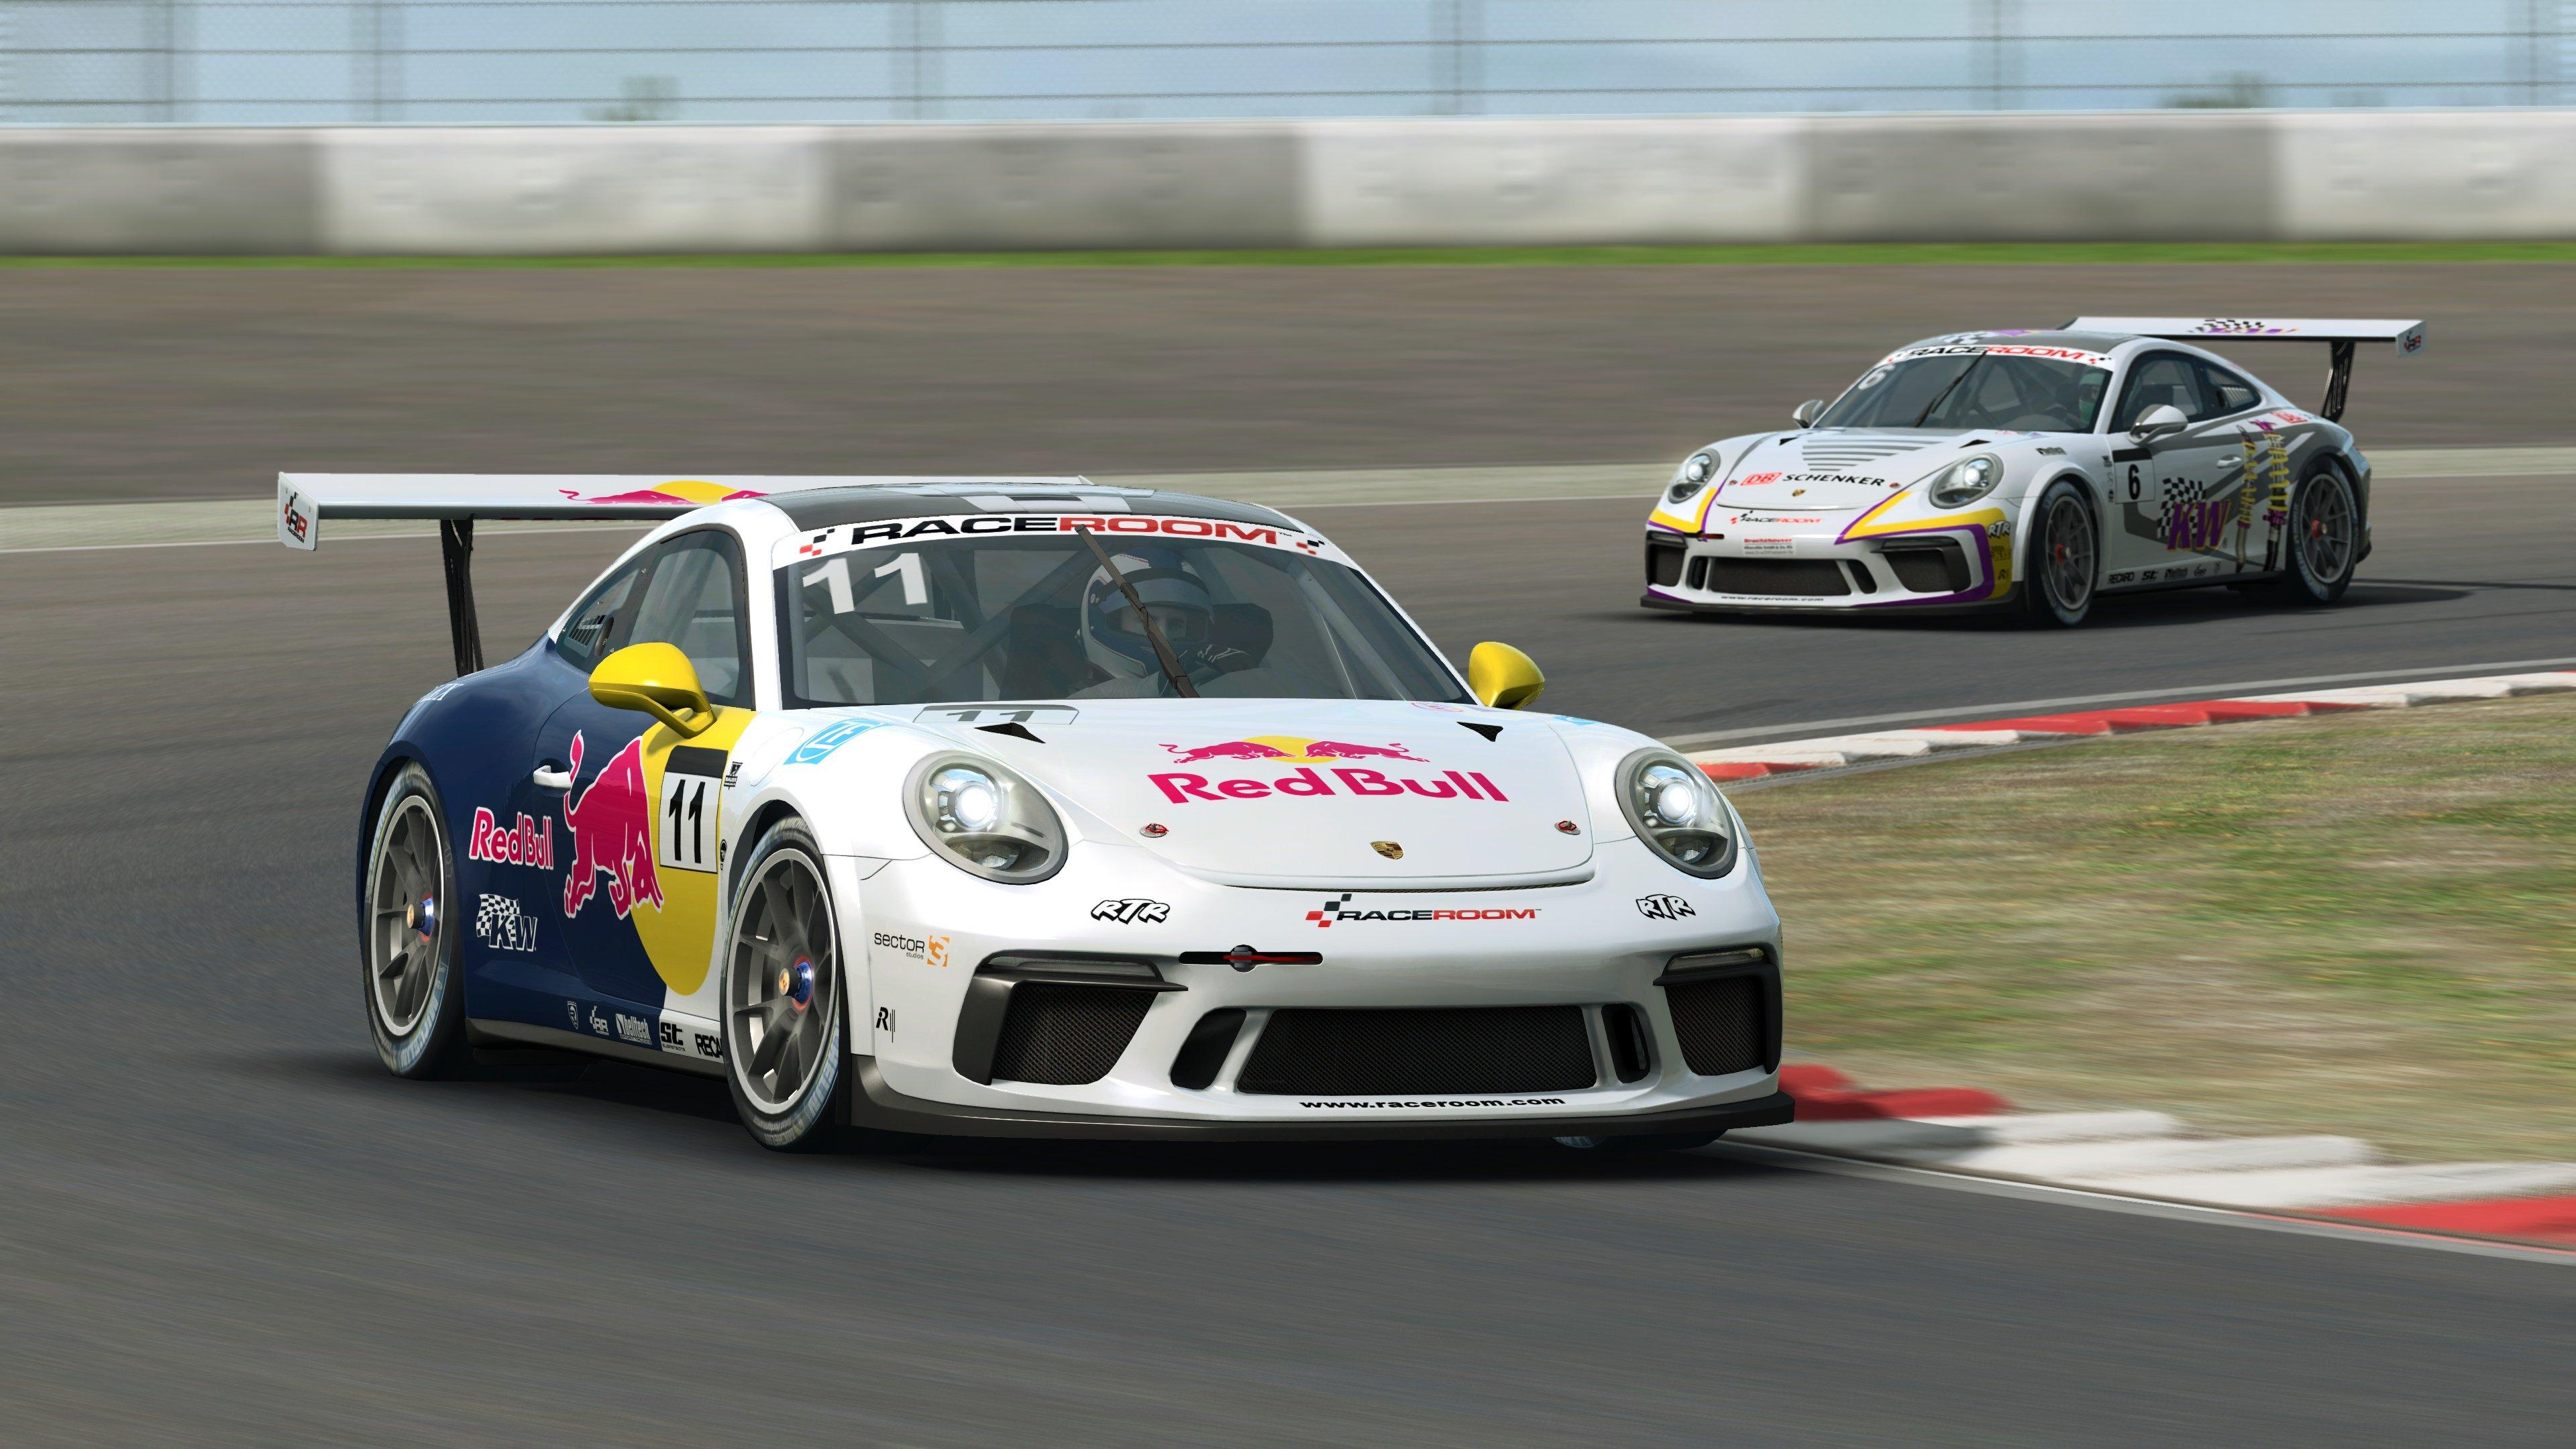 RaceRoom 991.2 Porsche 911 GT3 Cup 36